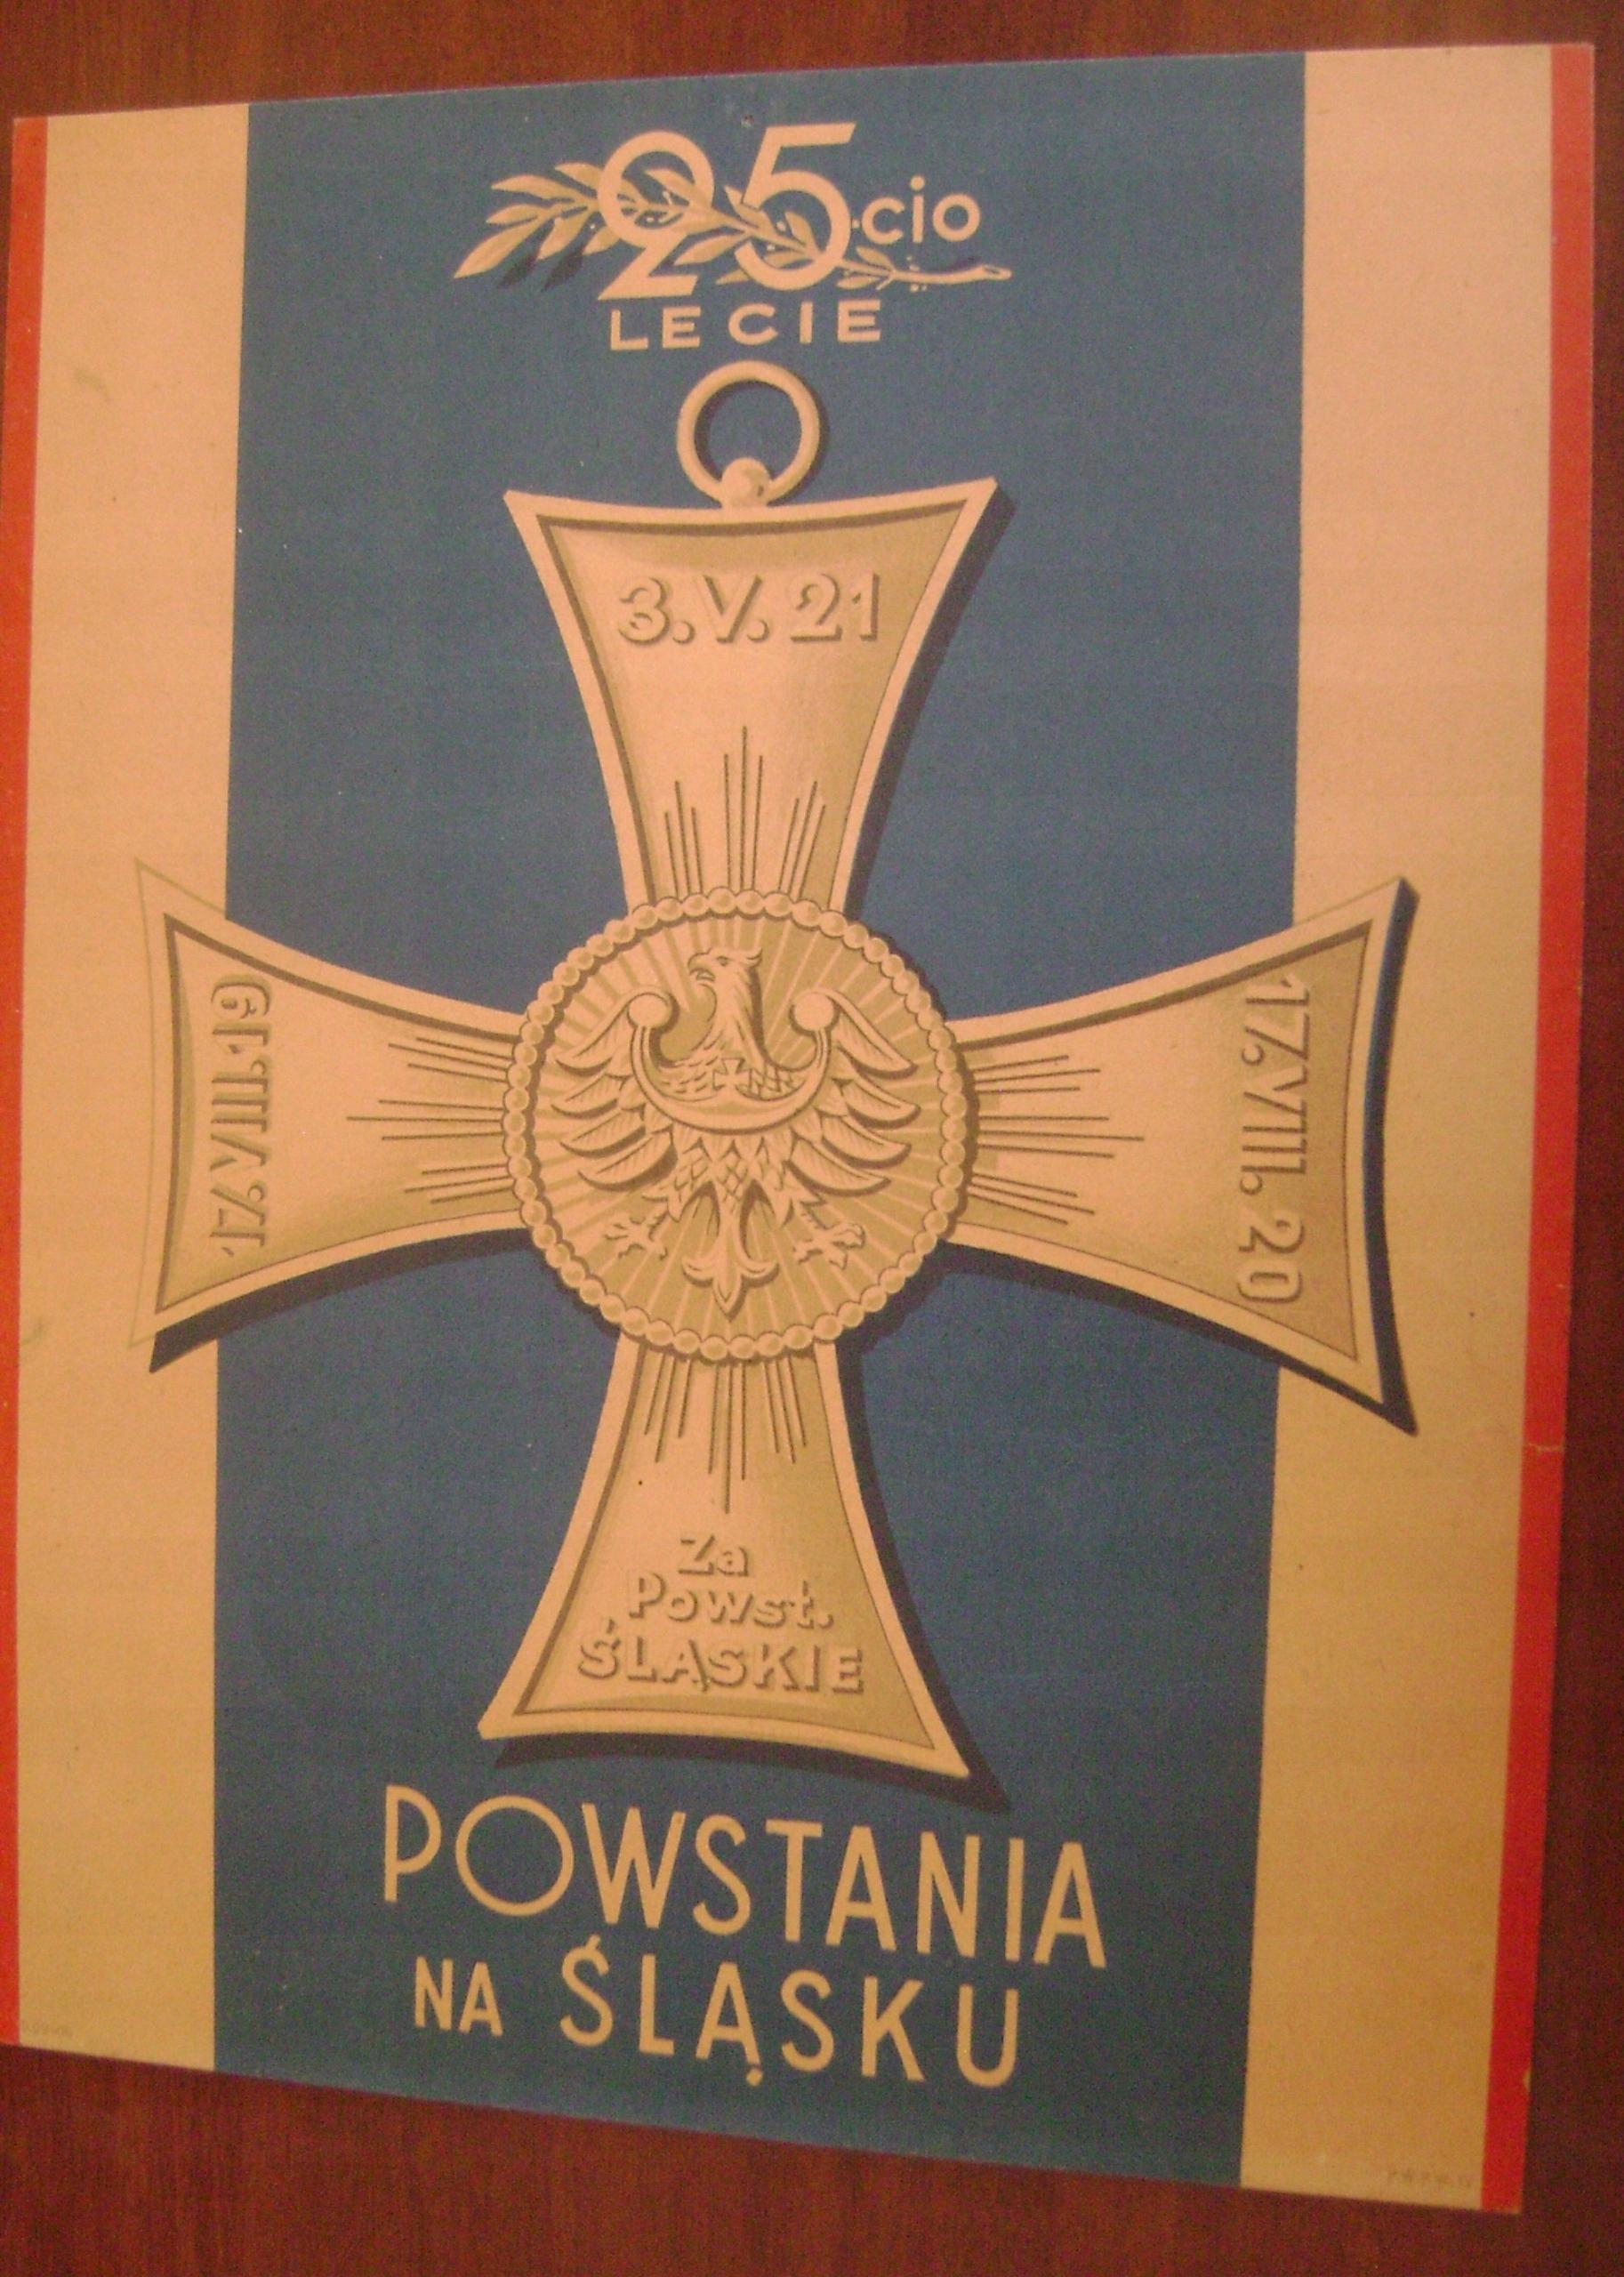 Górny śląsk Powstanie śląskie 25 Lecie Plakat 7591205652